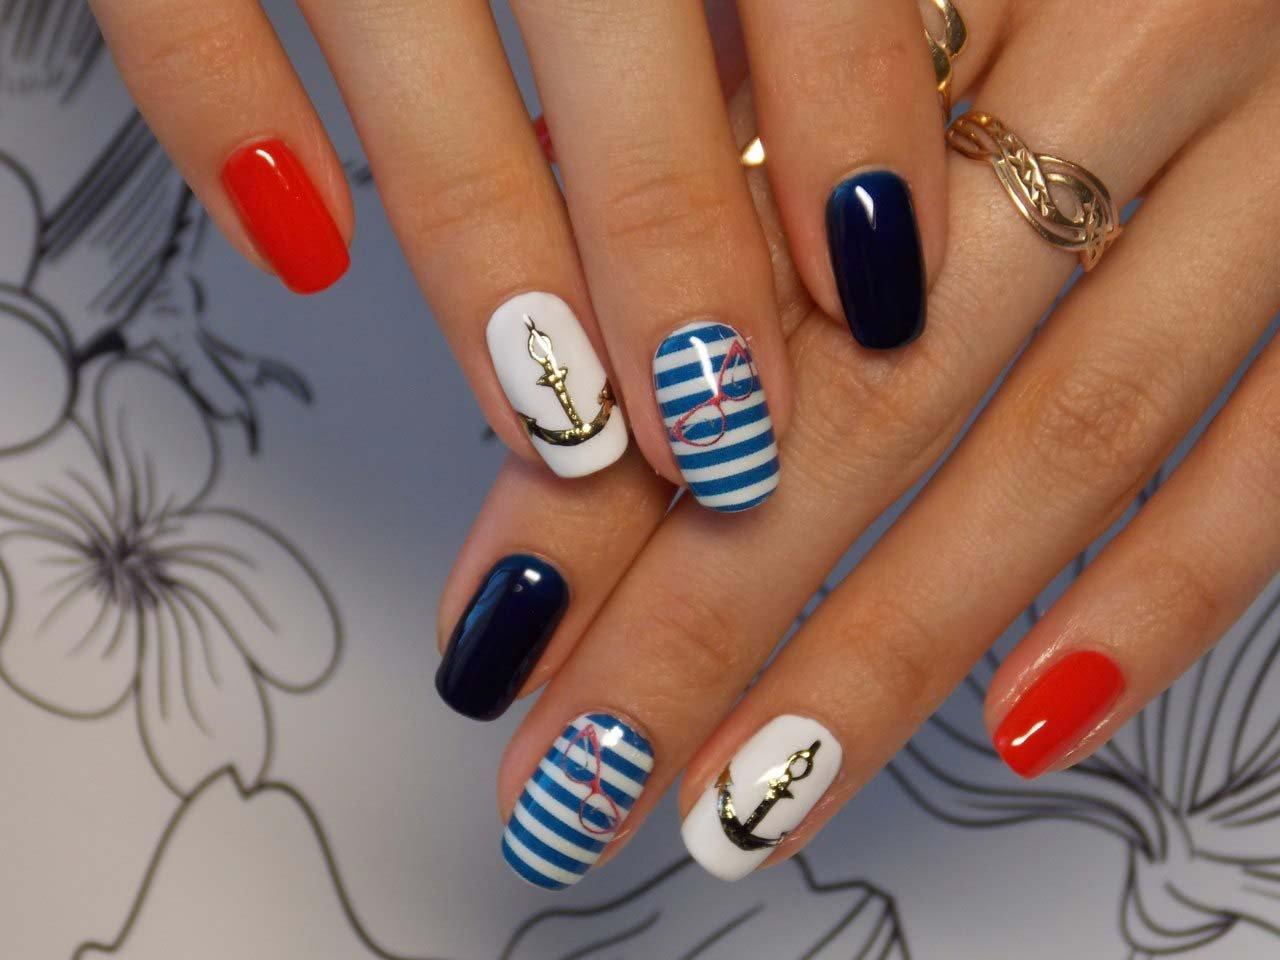 цельная пляжный дизайн ногтей гель фото этой странице